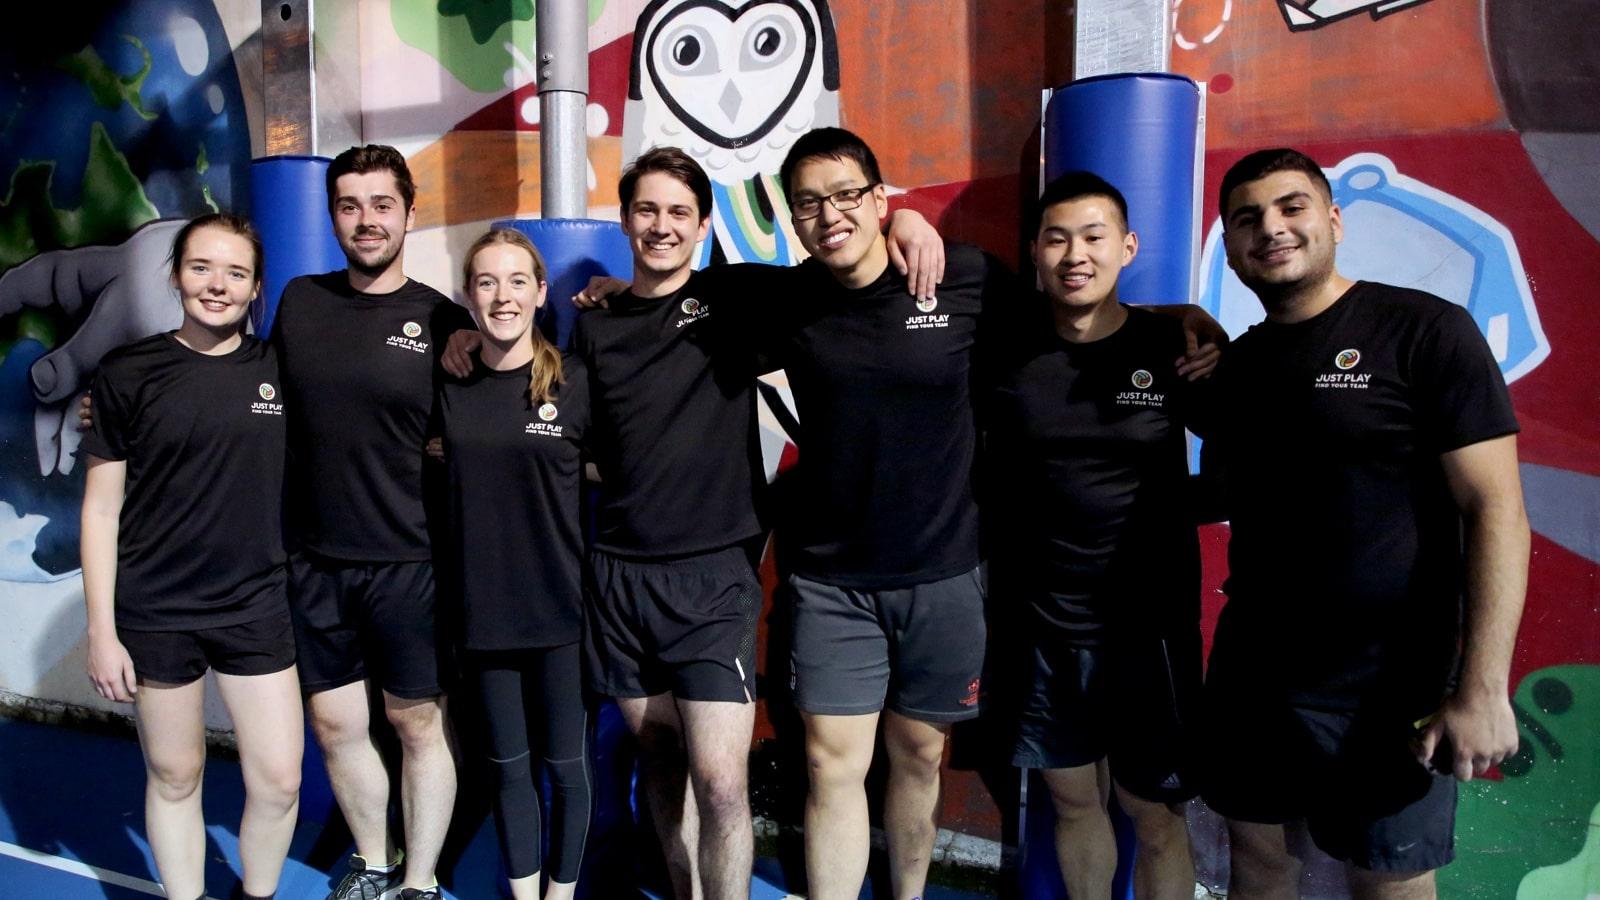 A group of social sport participants